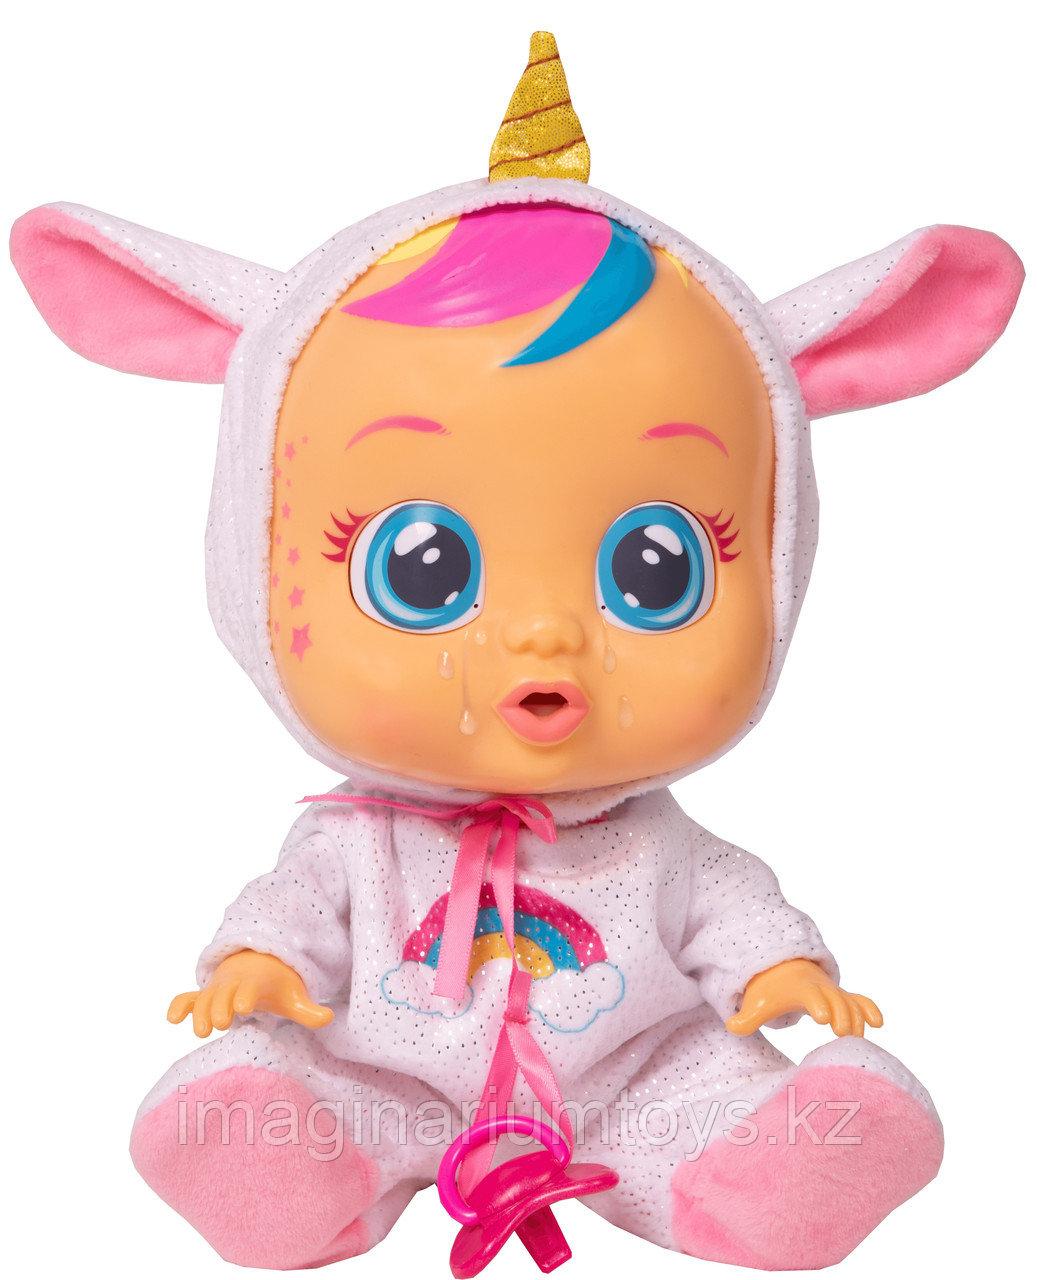 Плачущая кукла Cry Baby Dreamy Край Беби Единорог Дрими